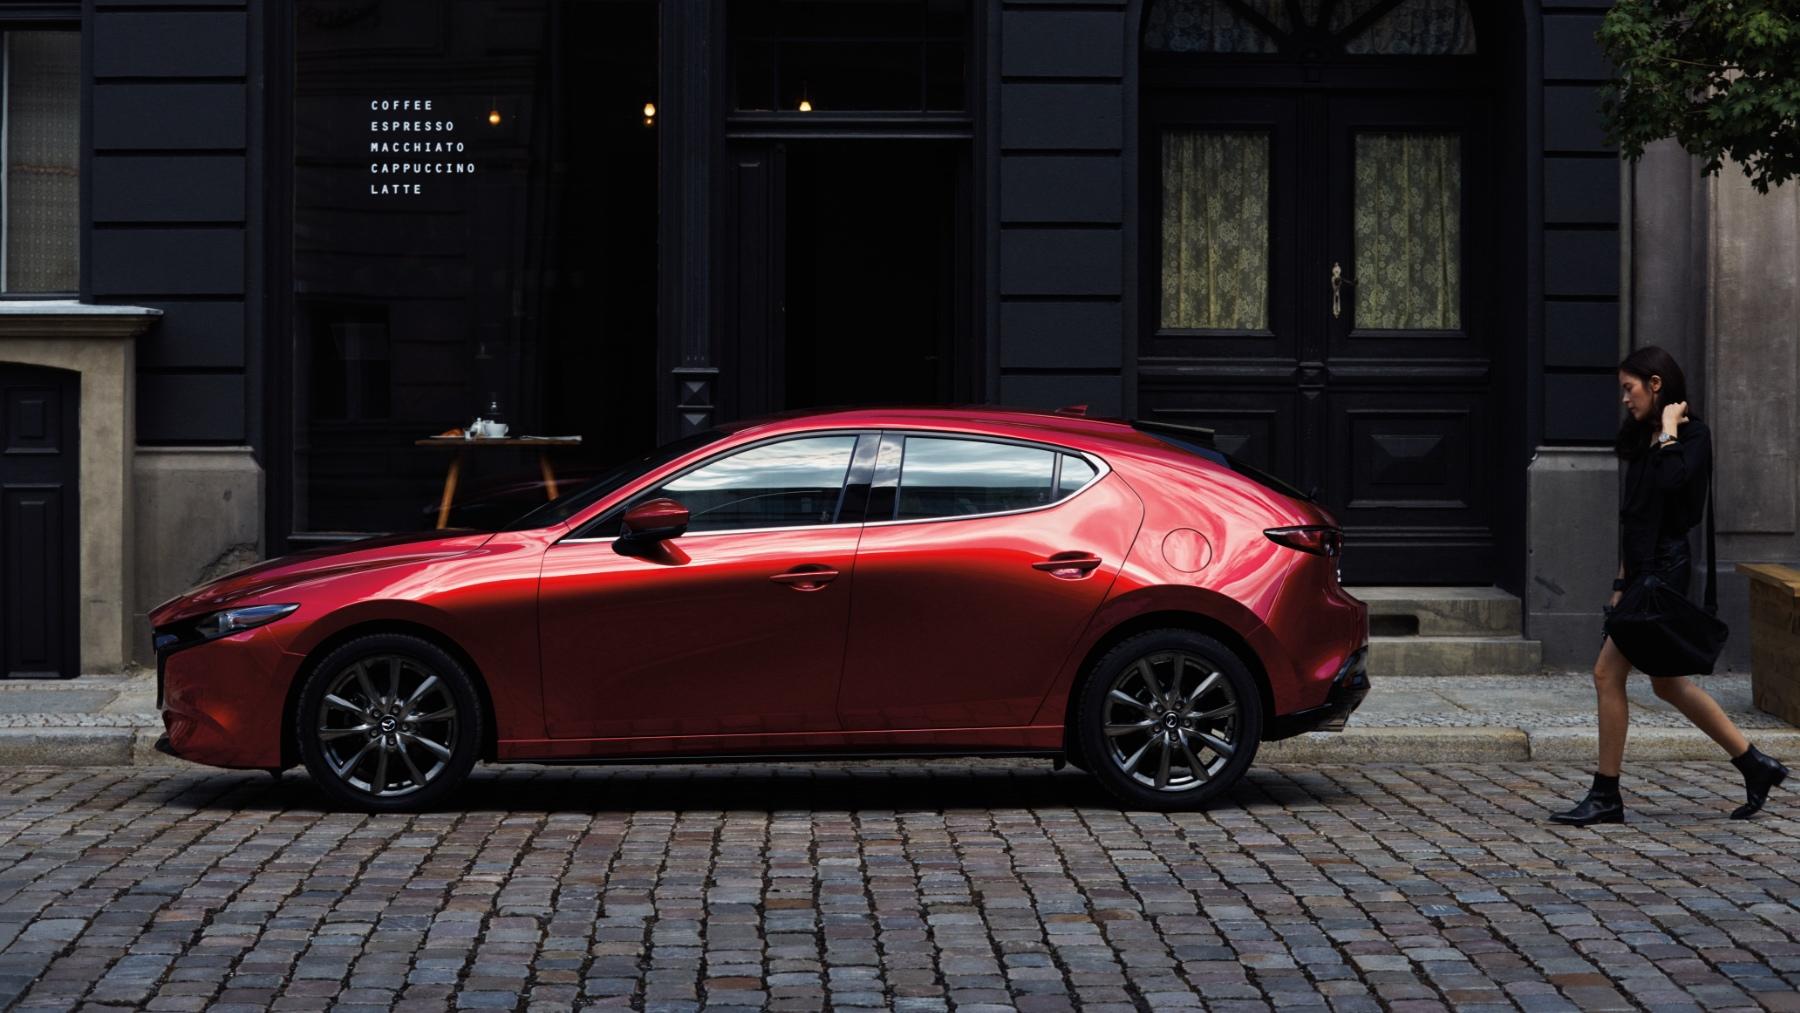 New 2021 Mazda3 for sale near Orlando, FL